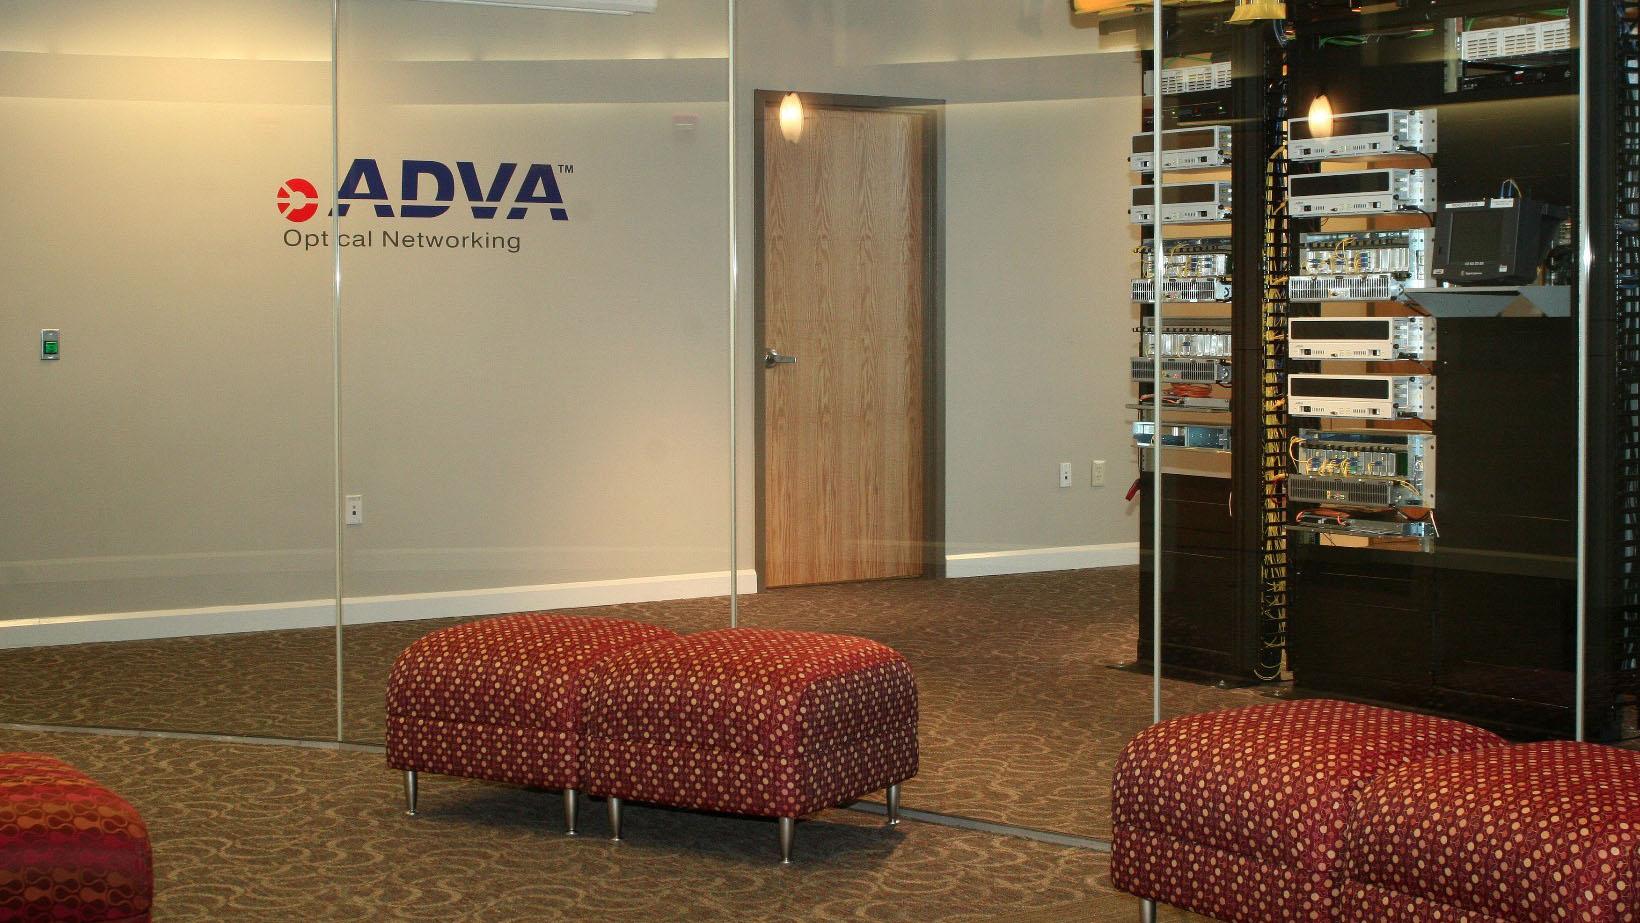 ADVA office lobby